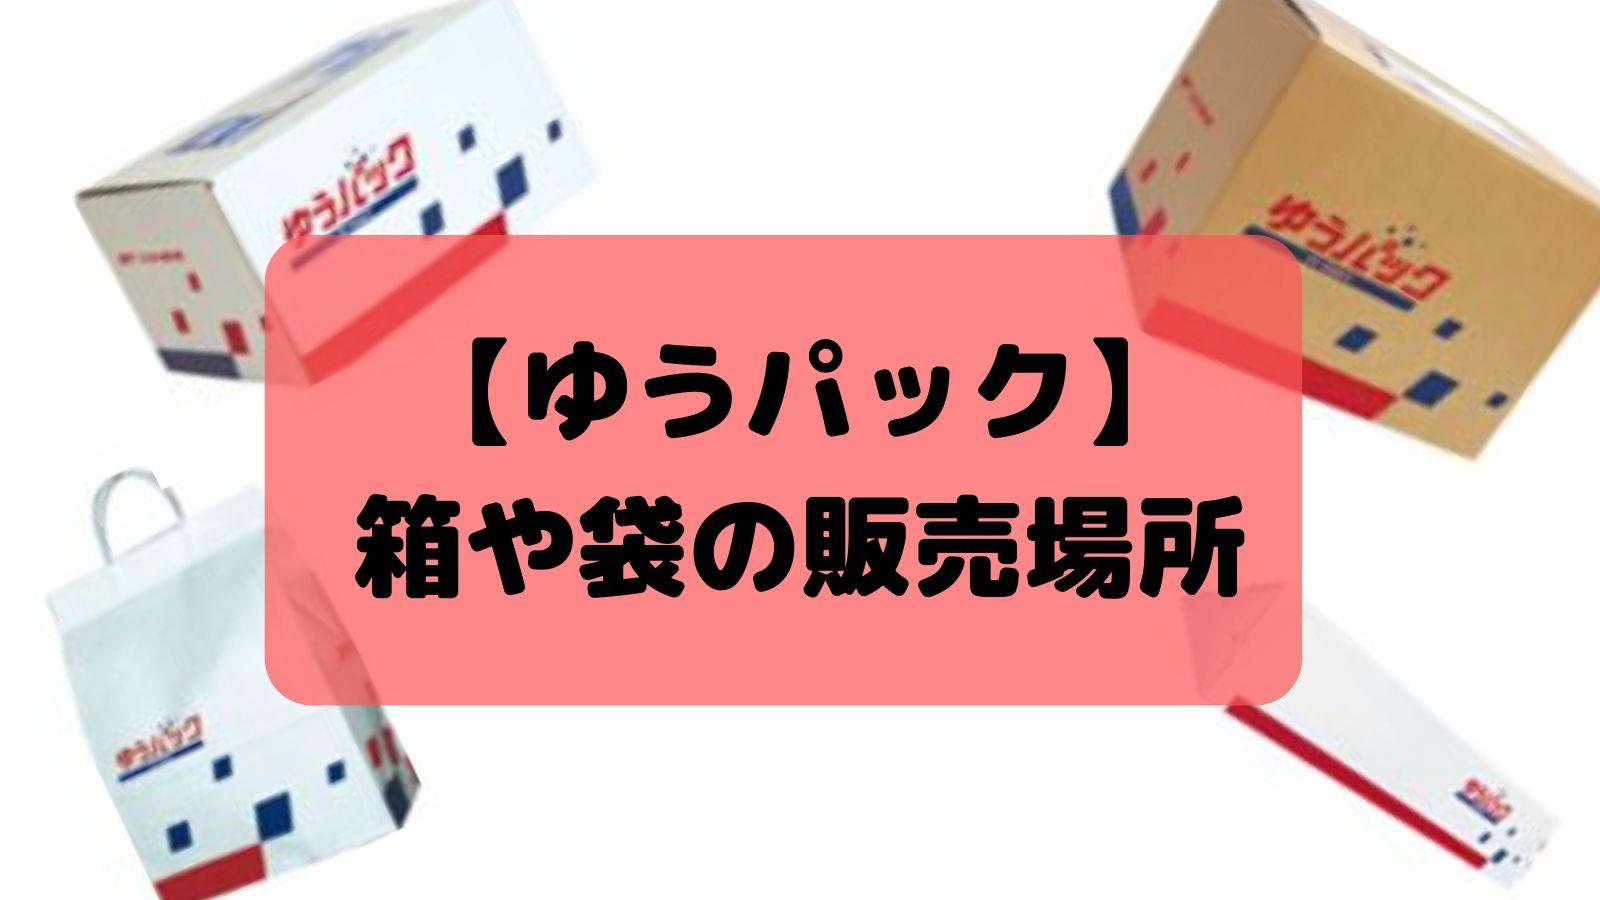 ゆうパックの箱や袋の販売場所